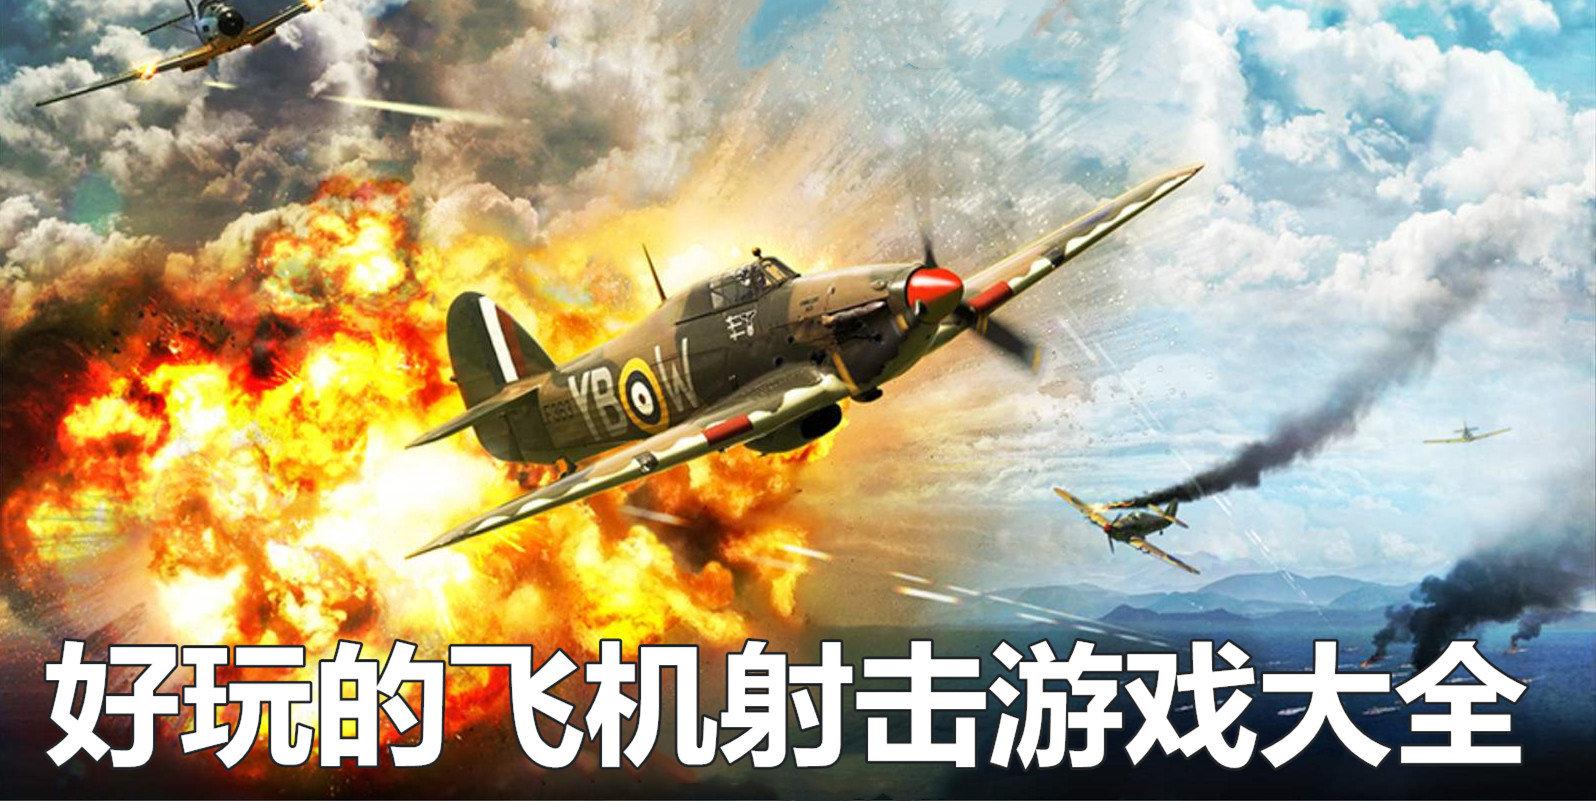 好玩的飞机射击游戏大全